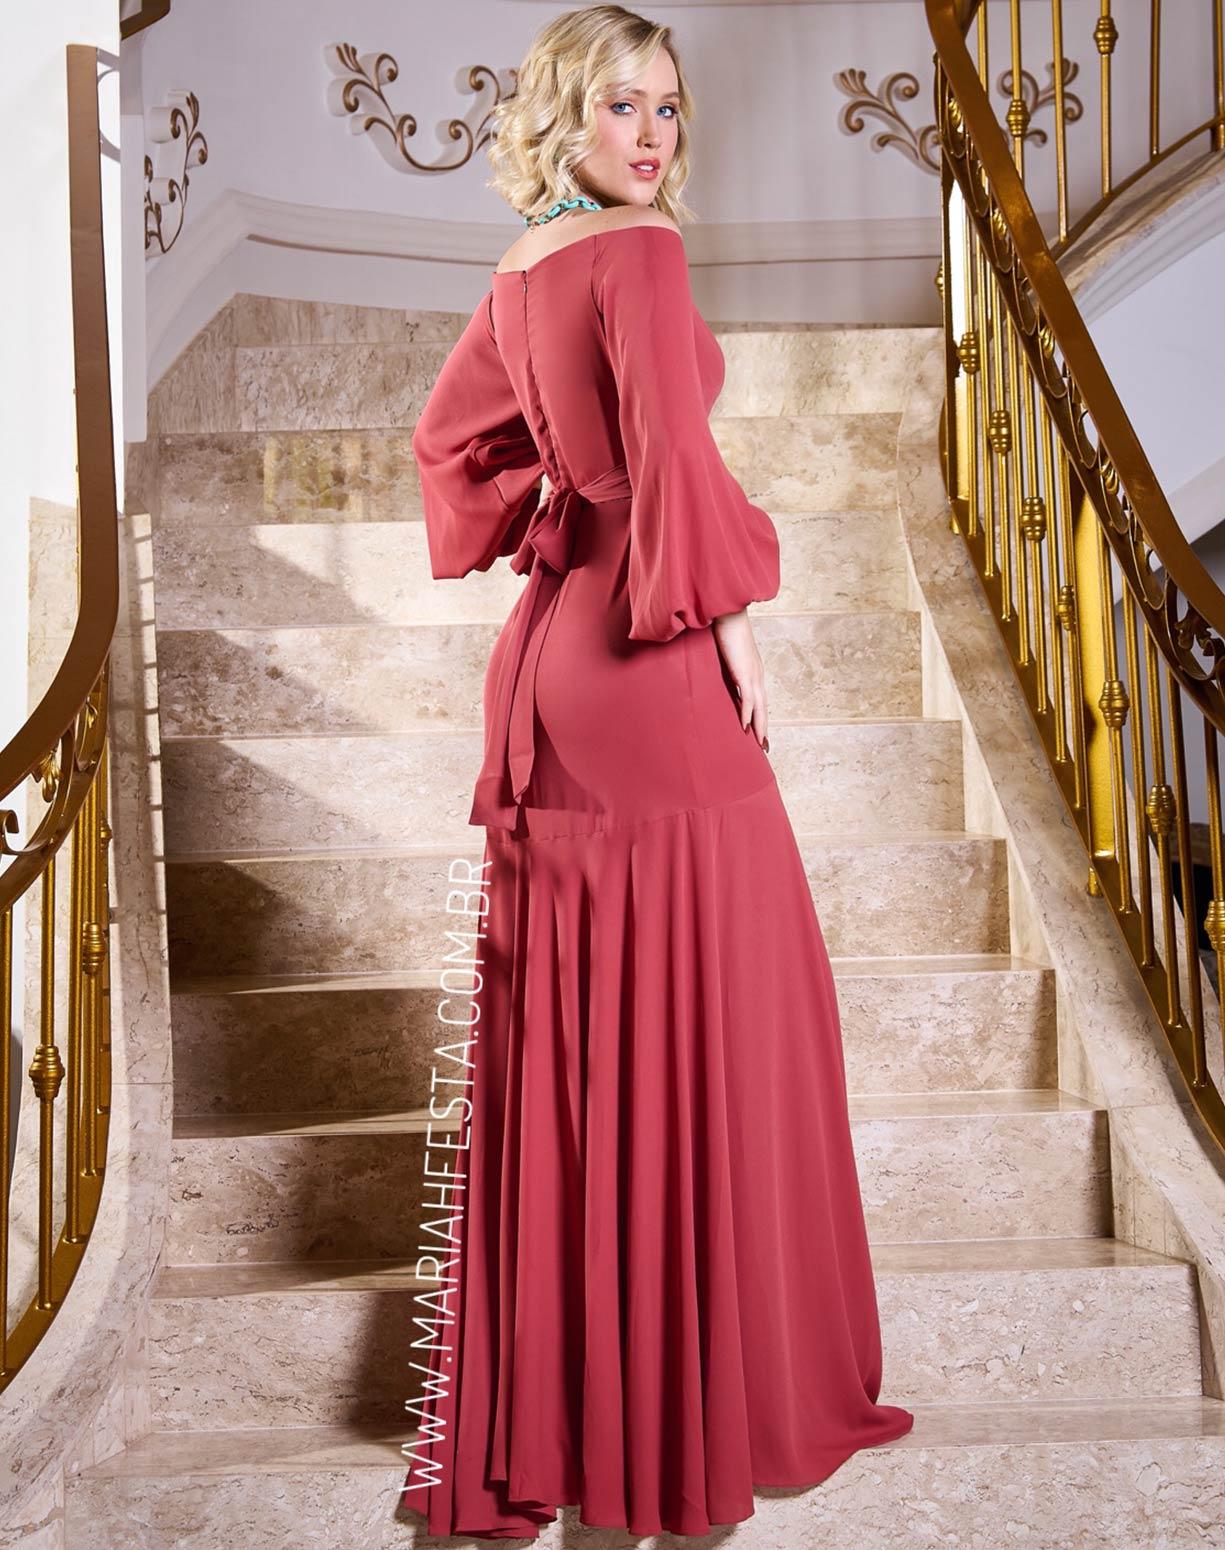 Vestido Rosa Antigo Ombro a Ombro com Manga Longa